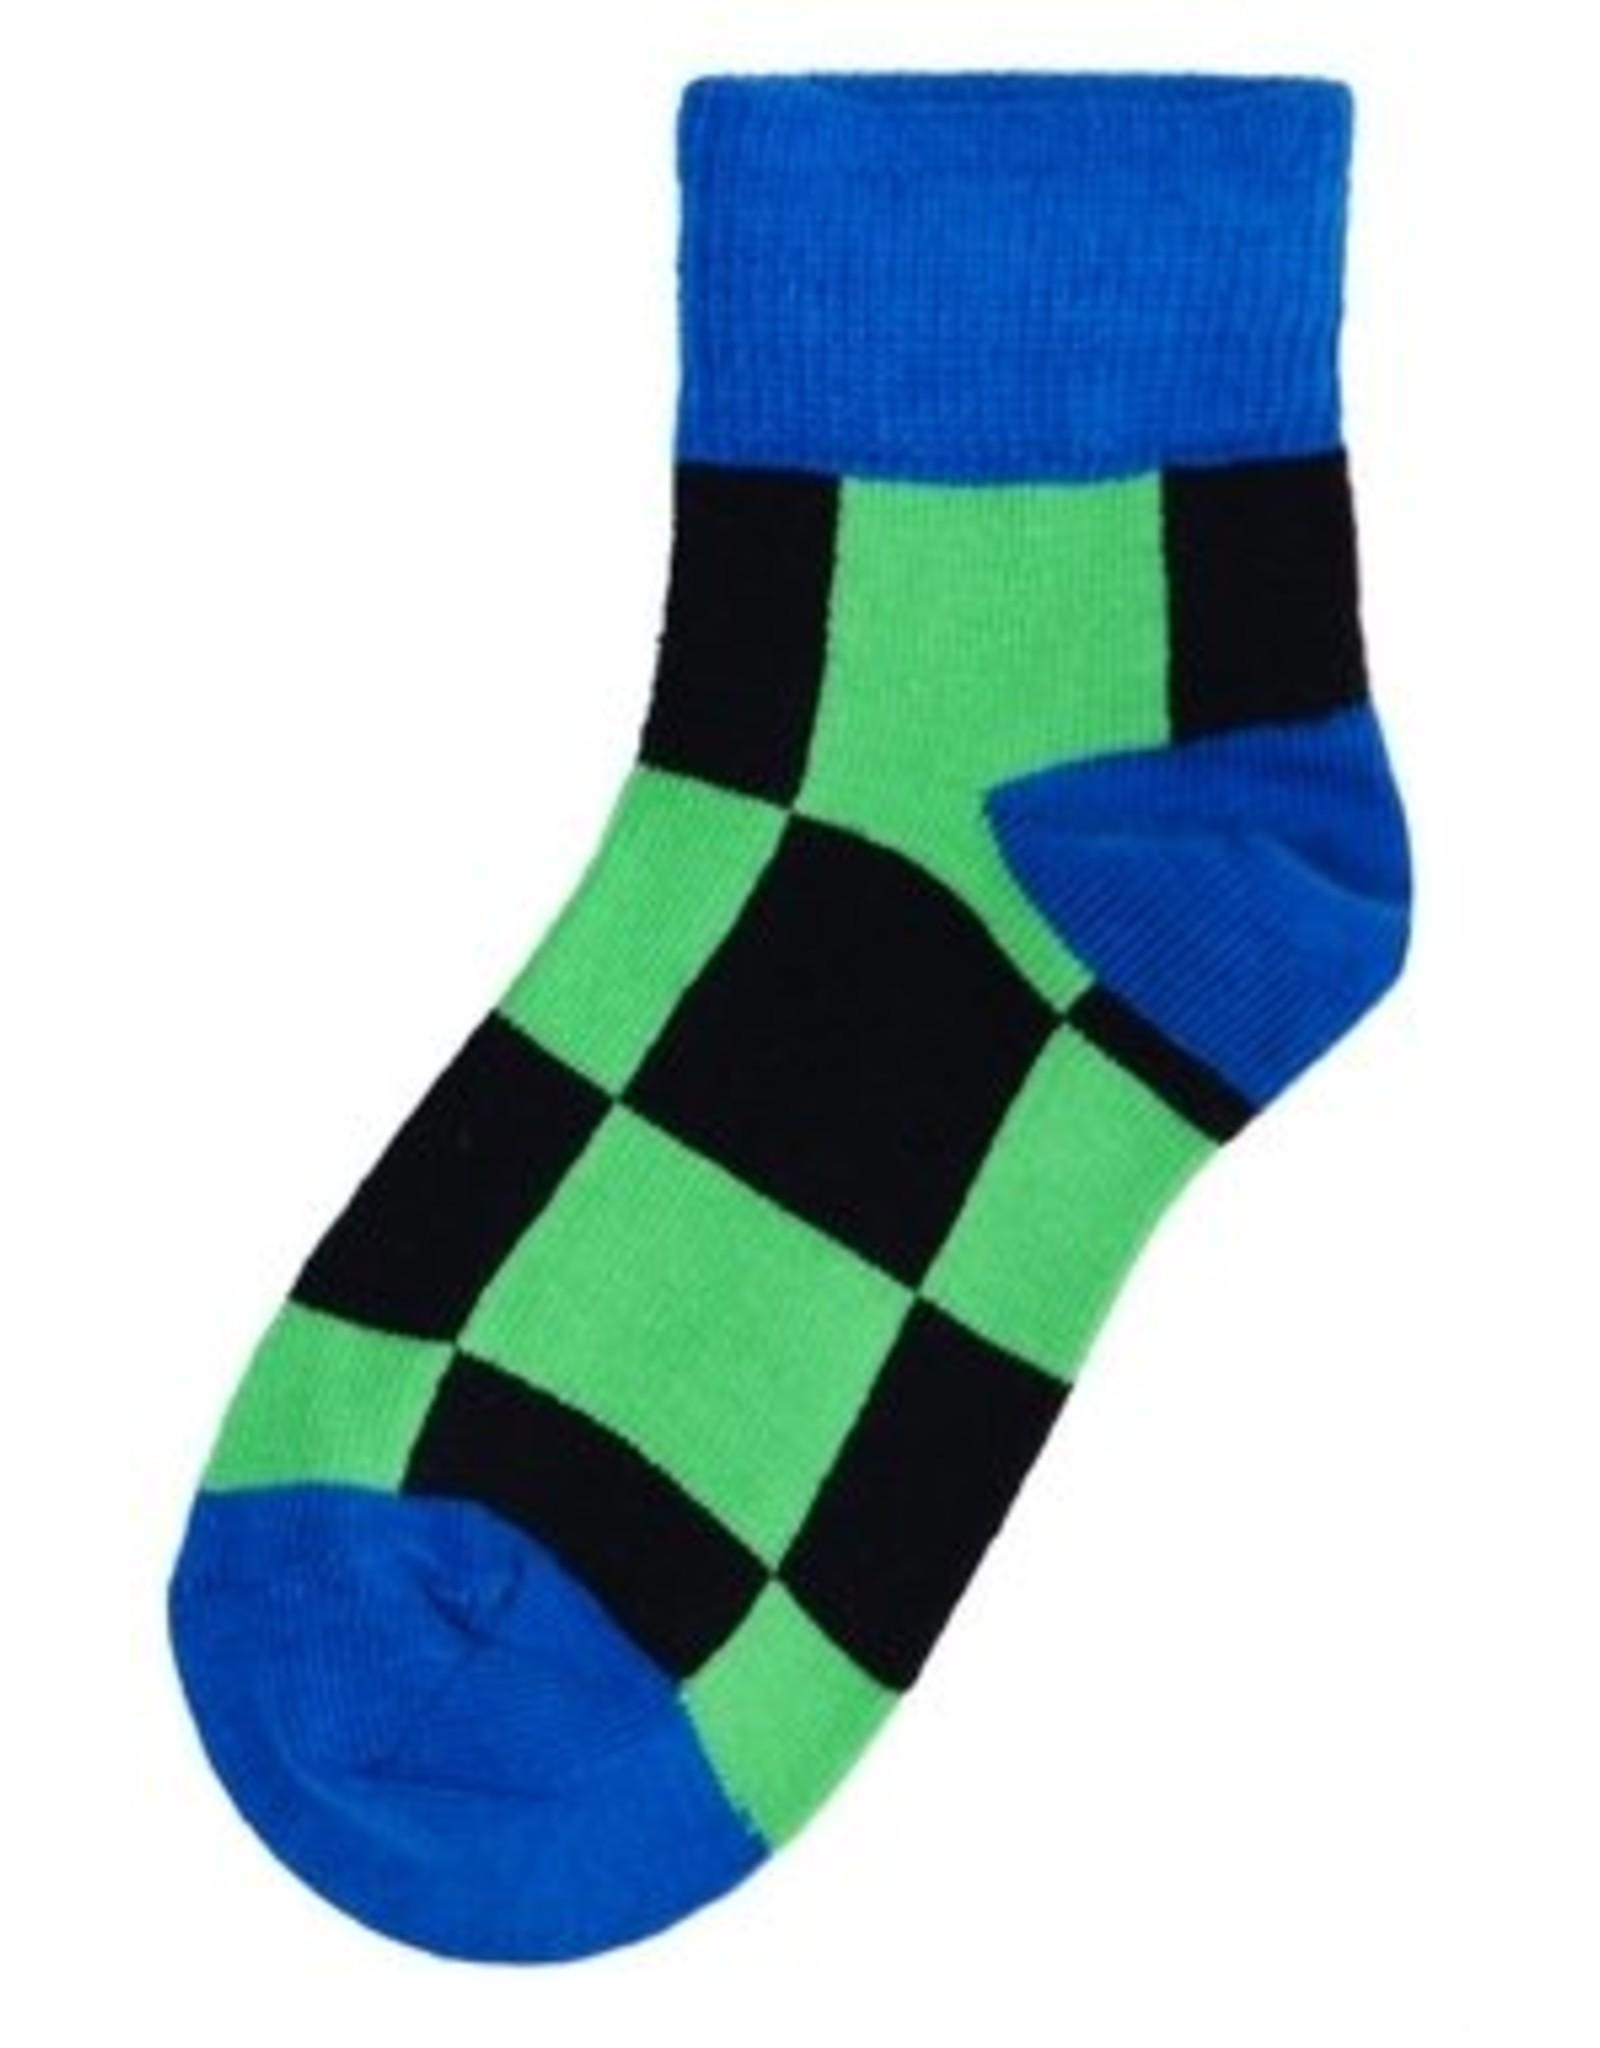 Duns Kids socks - blue green